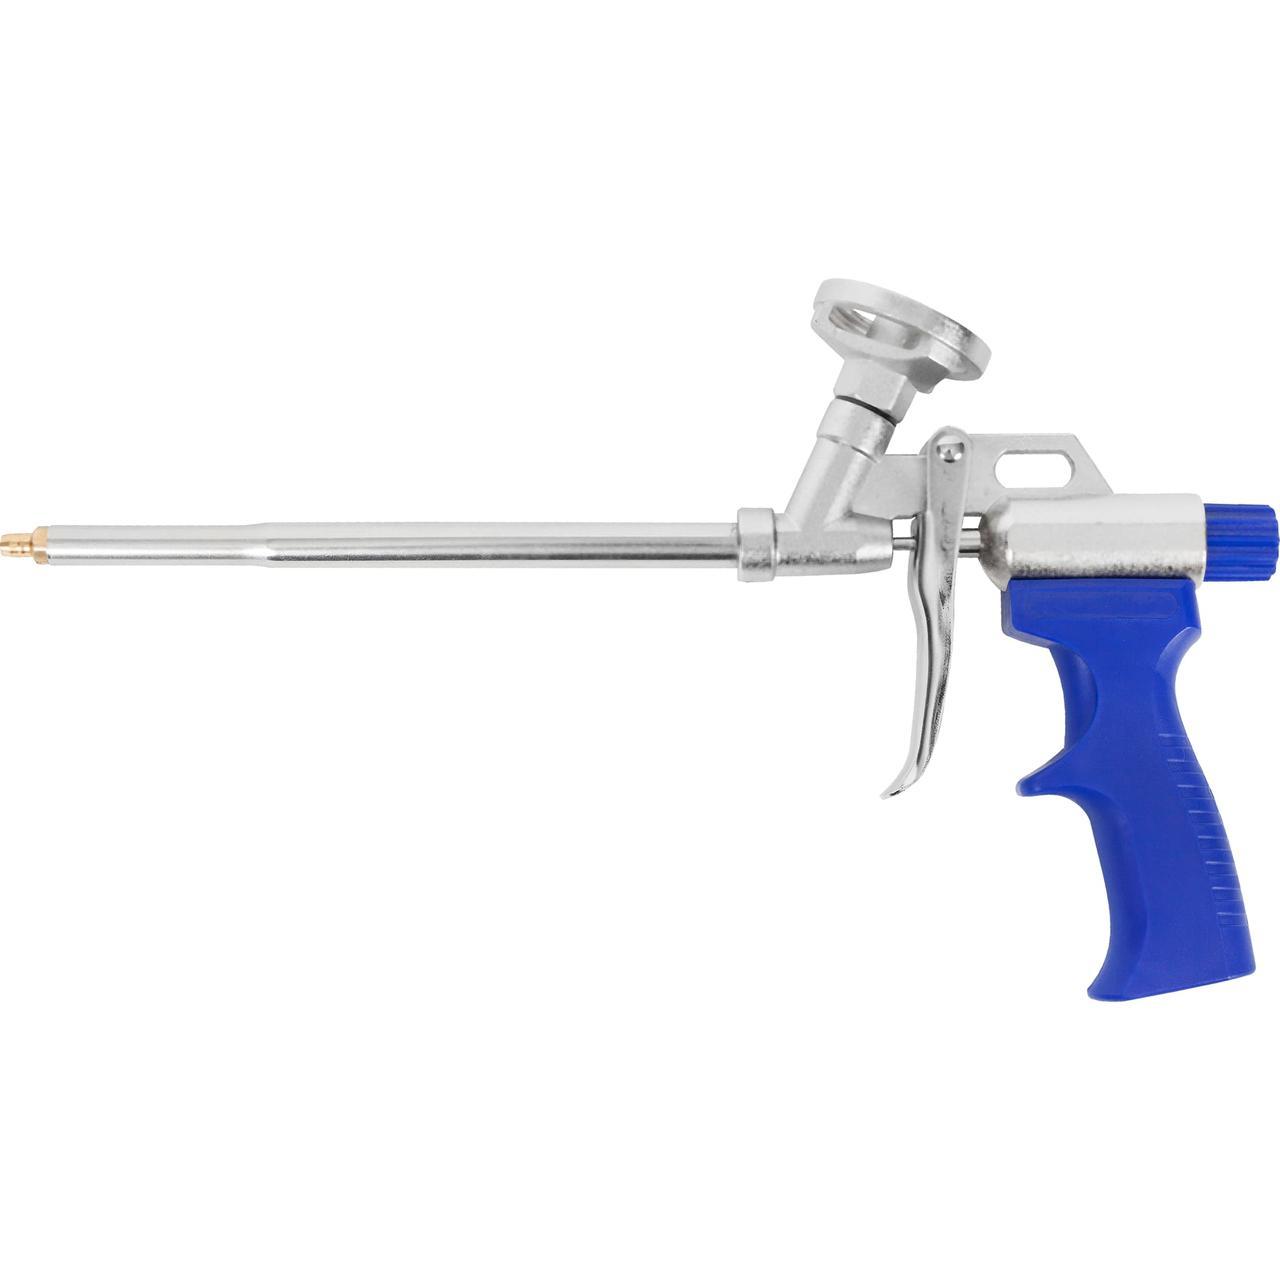 Выбираем лучший пистолет для монтажной пены